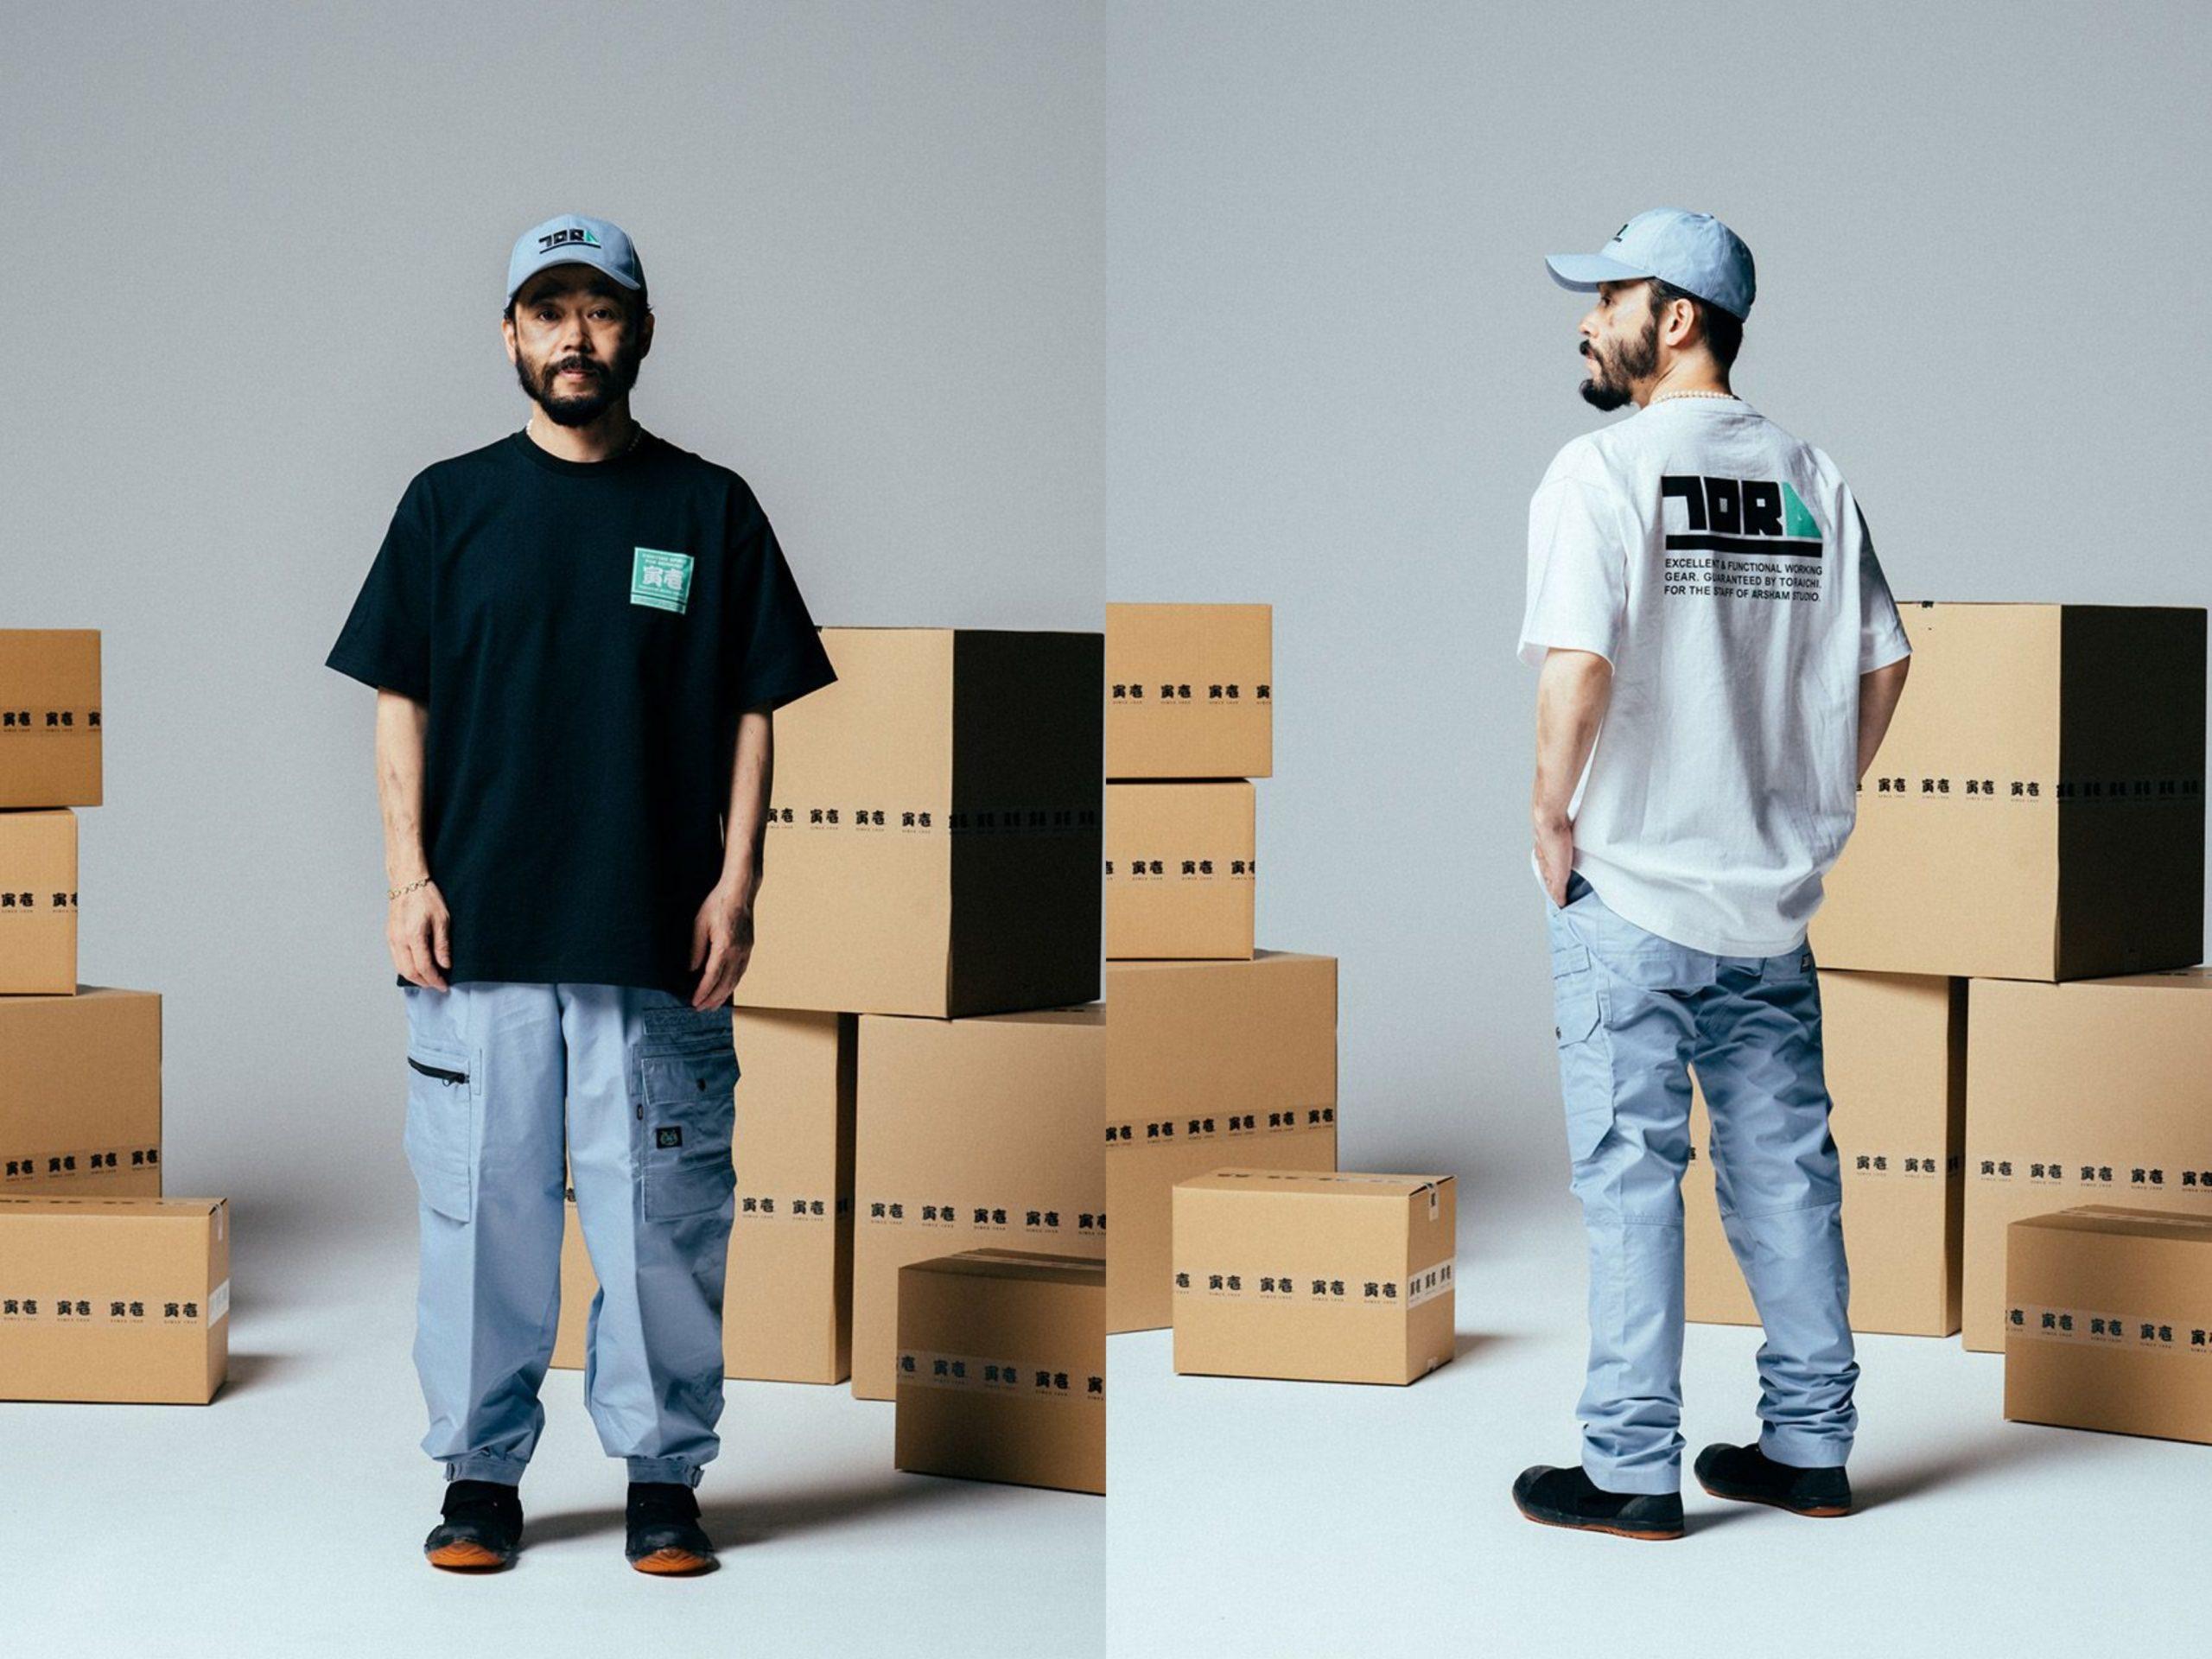 Daniel Arsham x Toraichi Tease Elevated Workwear Essentials